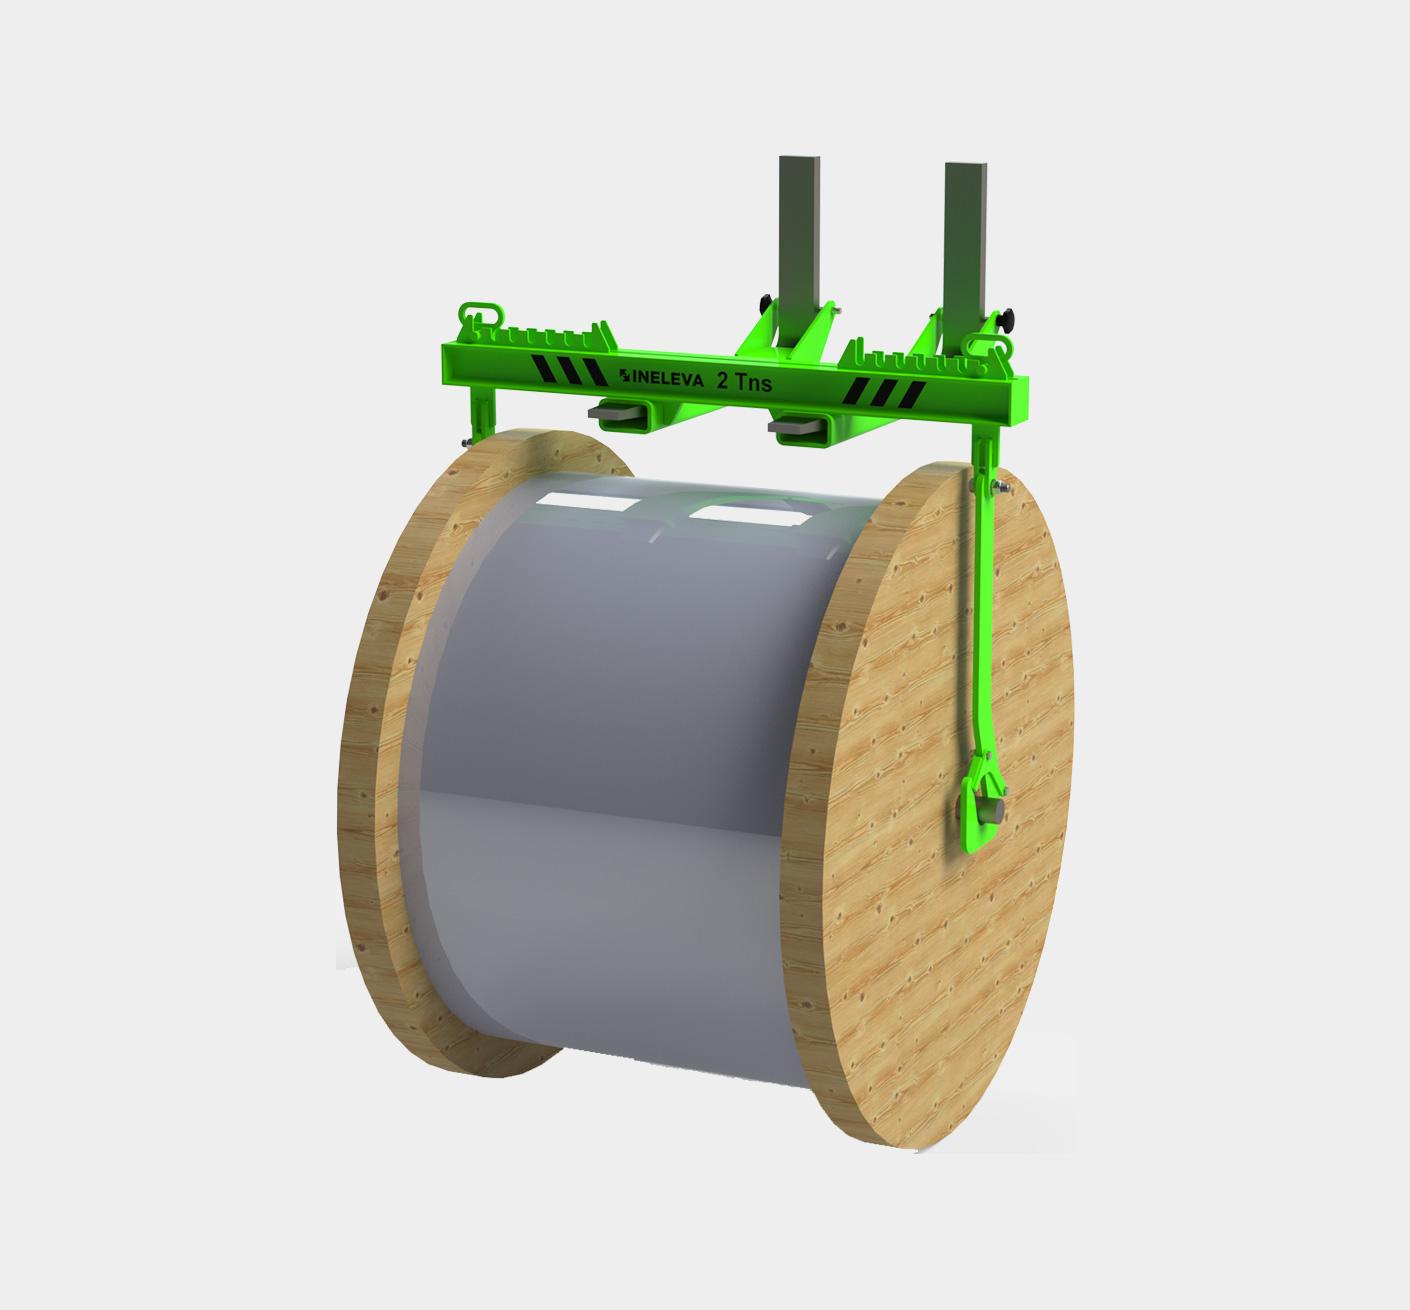 thumb-util-bobinas-cable